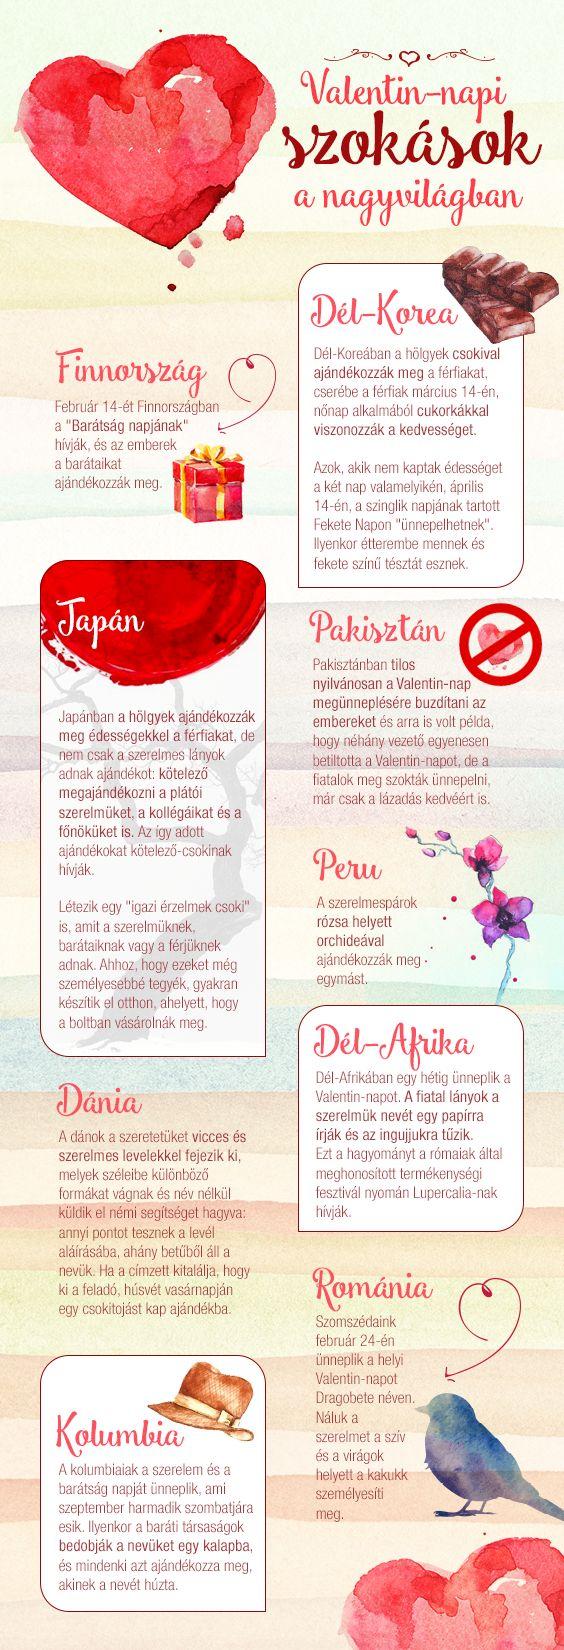 Kíváncsi vagy a legmeglepőbb Valentin-napi szokásokra? Itt megtalálod őket! :) #valentin #szokasok #erdekes #tesco #tescomagyarorszag